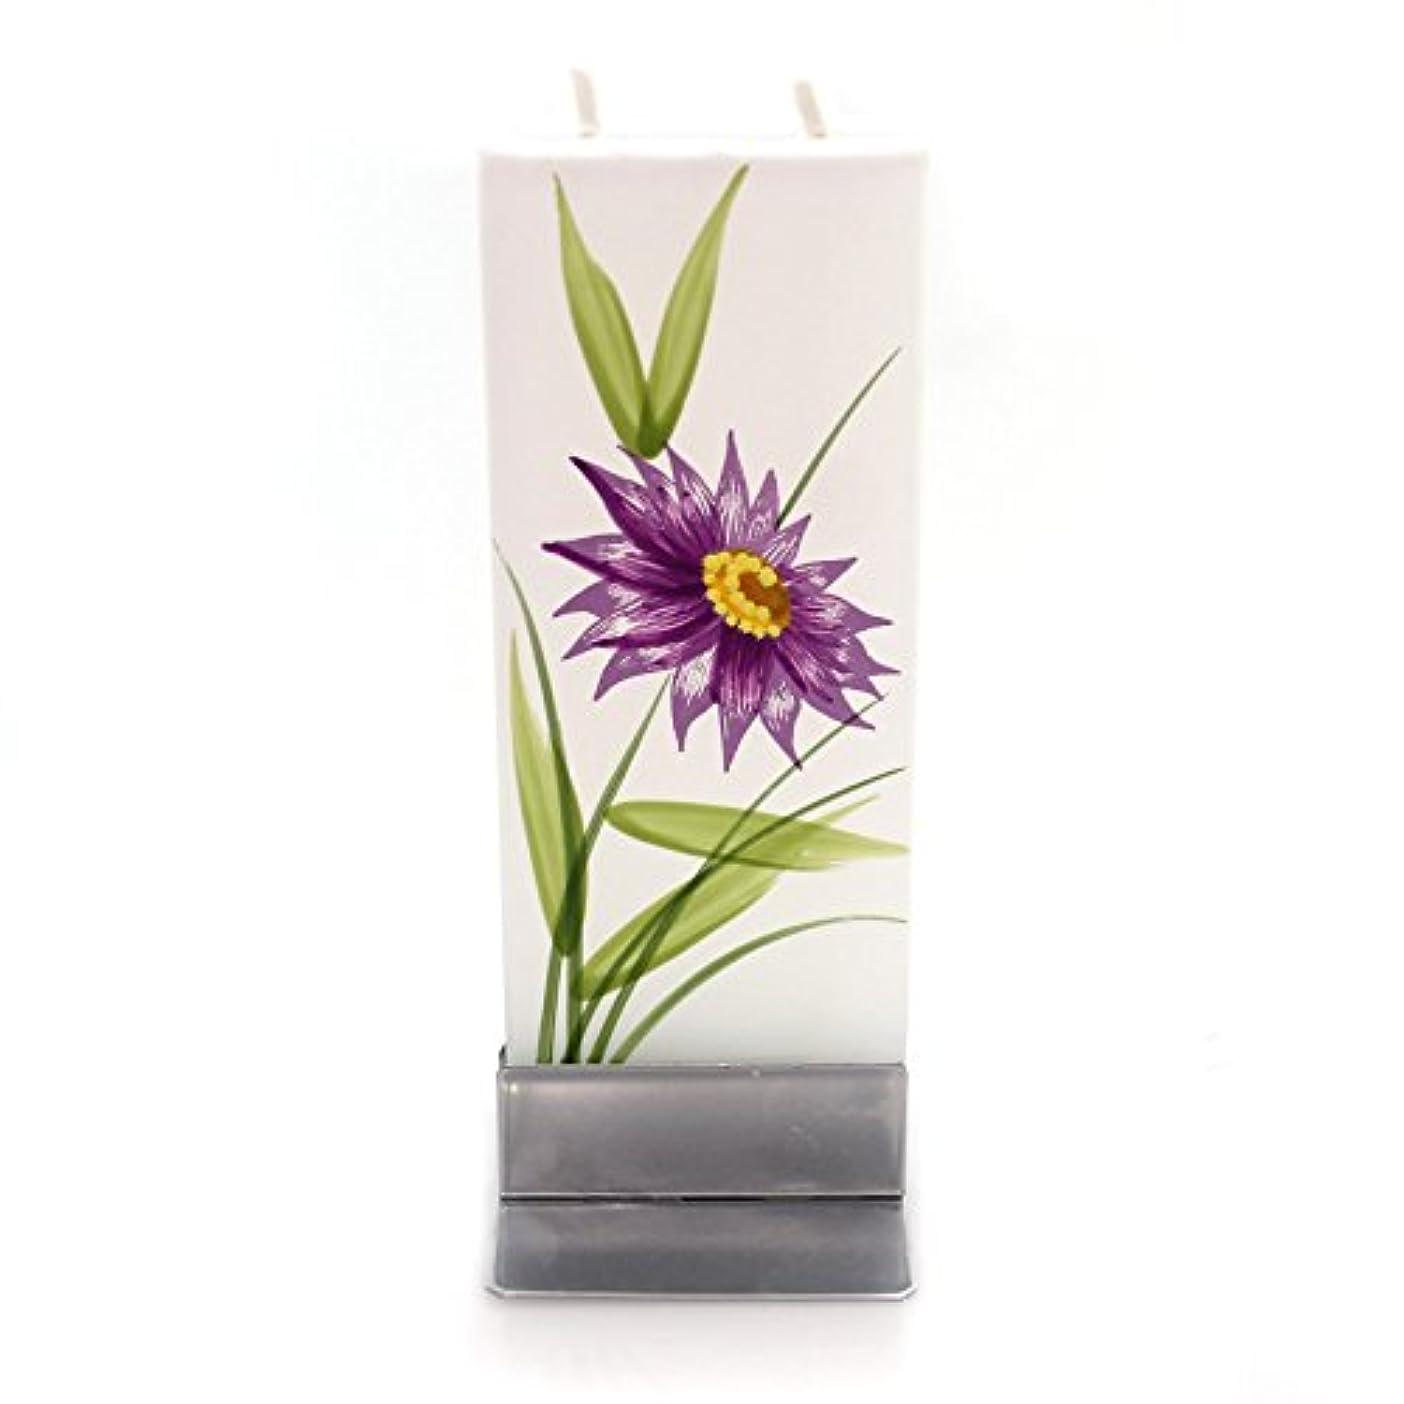 ホームデコレーションパープル花W /イエローCentre Dripless Fragrance Free Candle f1640